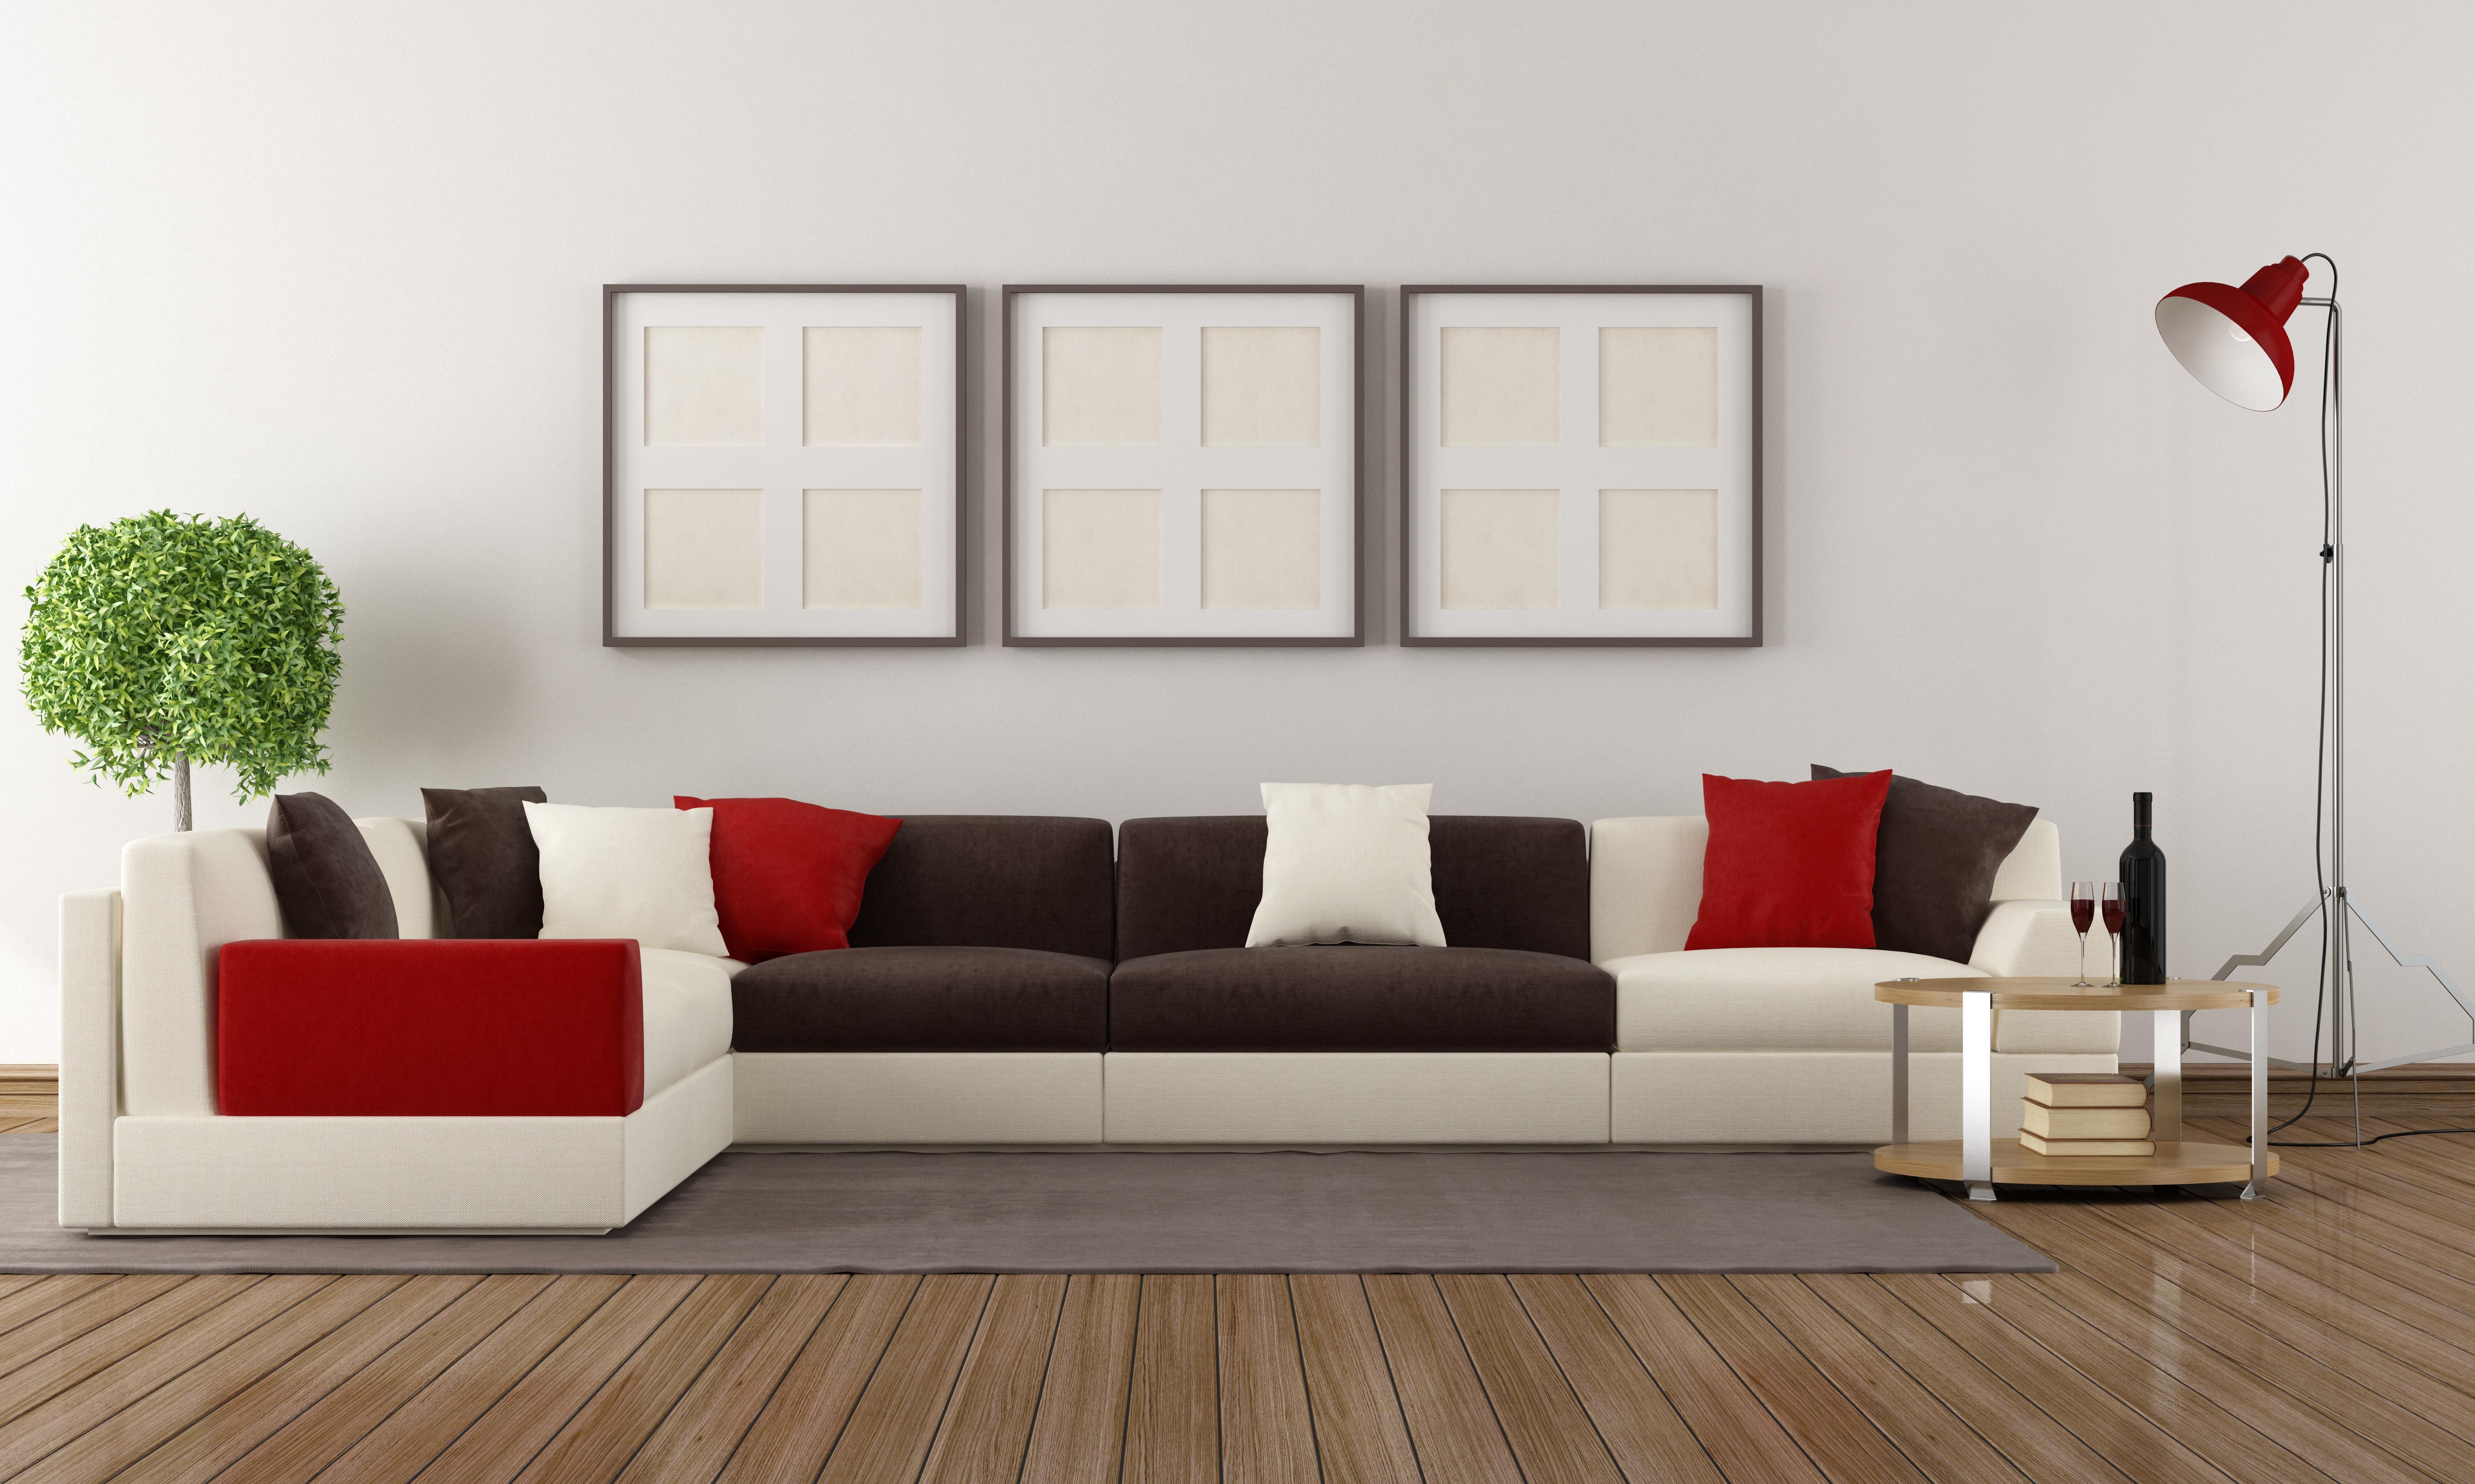 Il bonus mobili è una detrazione Irpef del 50% delle spese per acquistare mobili e grandi elettrodomestici